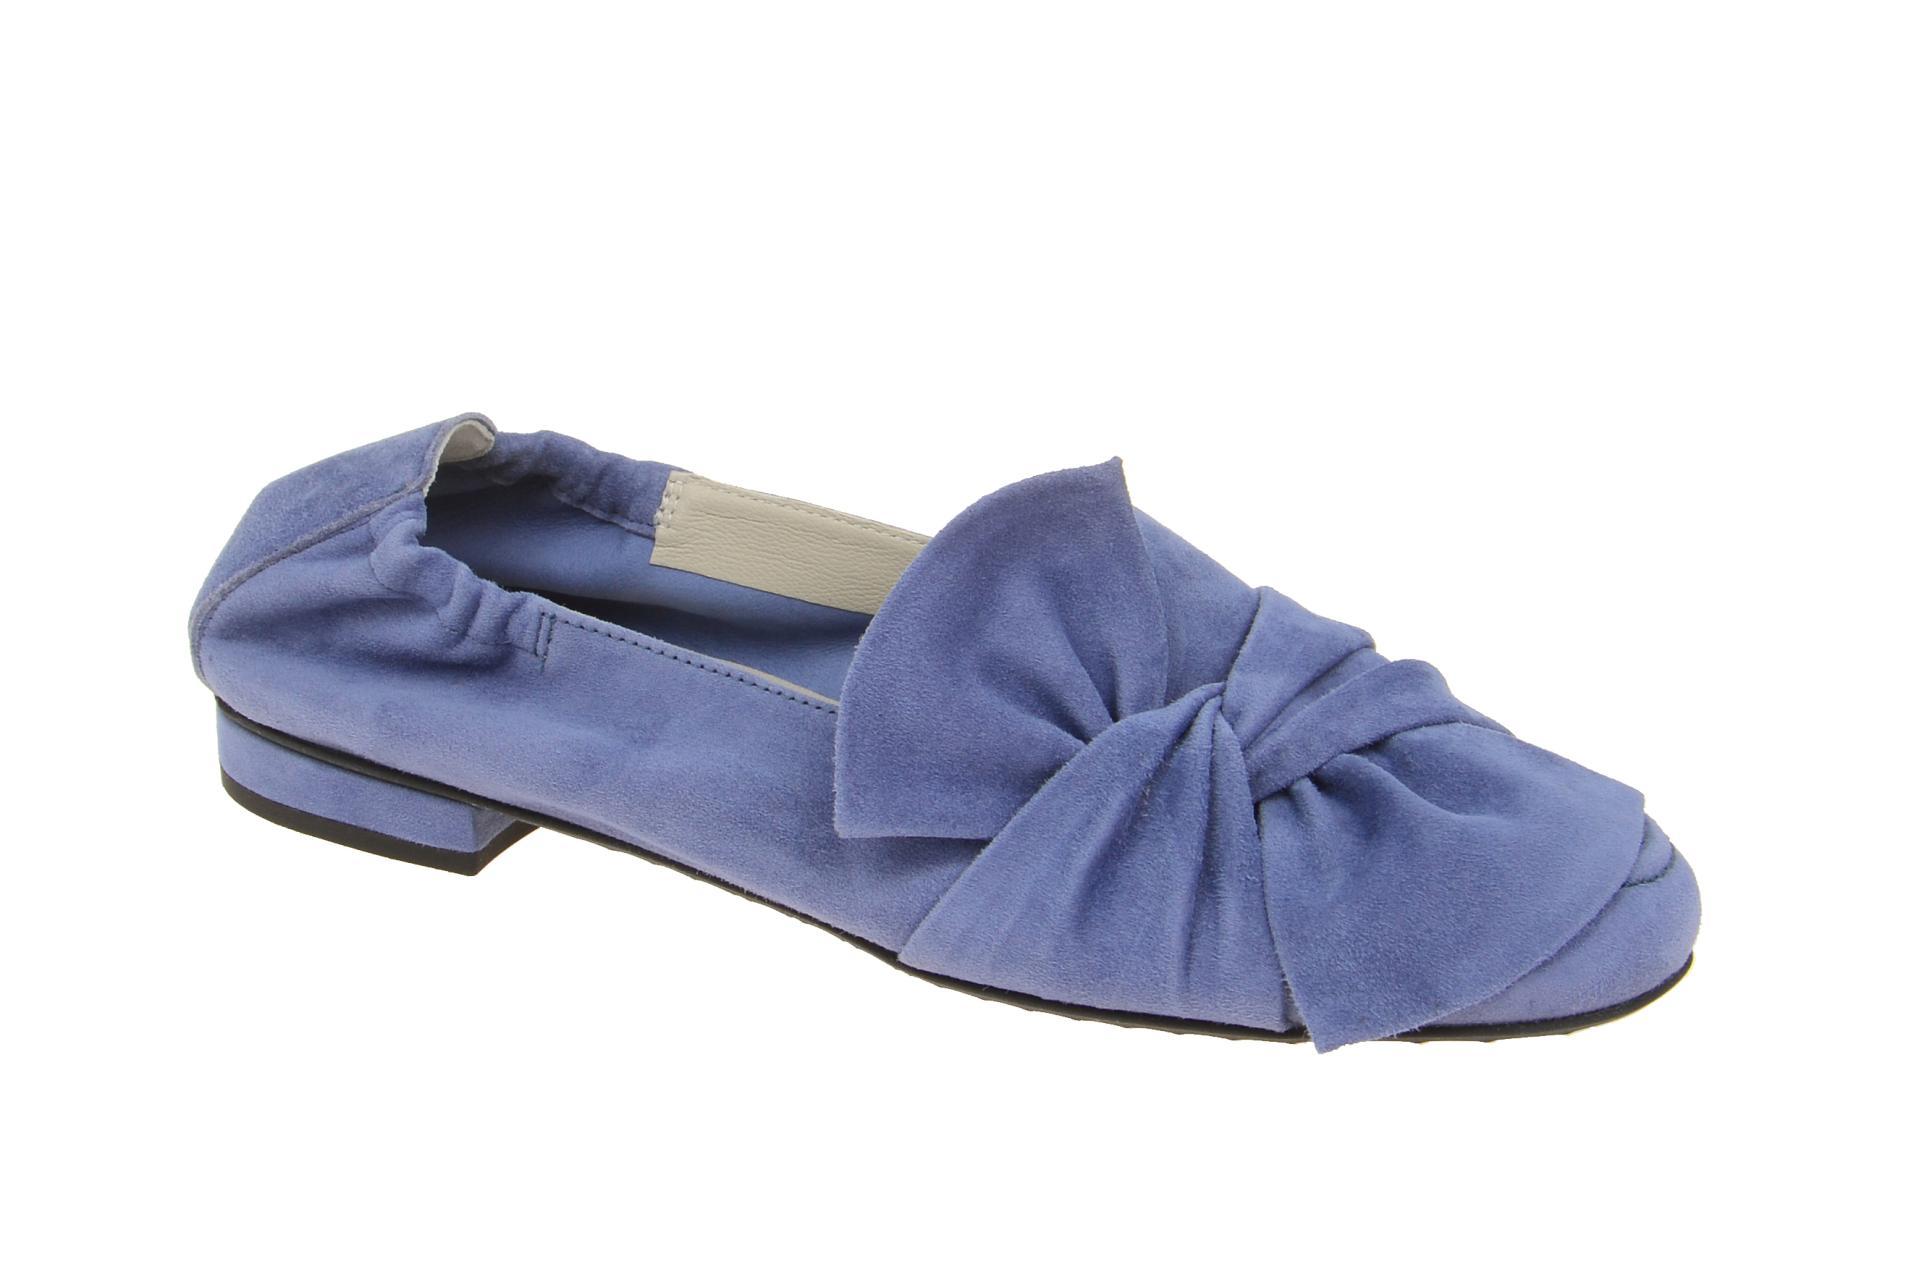 kennel schmenger ballerina malu blau jeans 10720. Black Bedroom Furniture Sets. Home Design Ideas